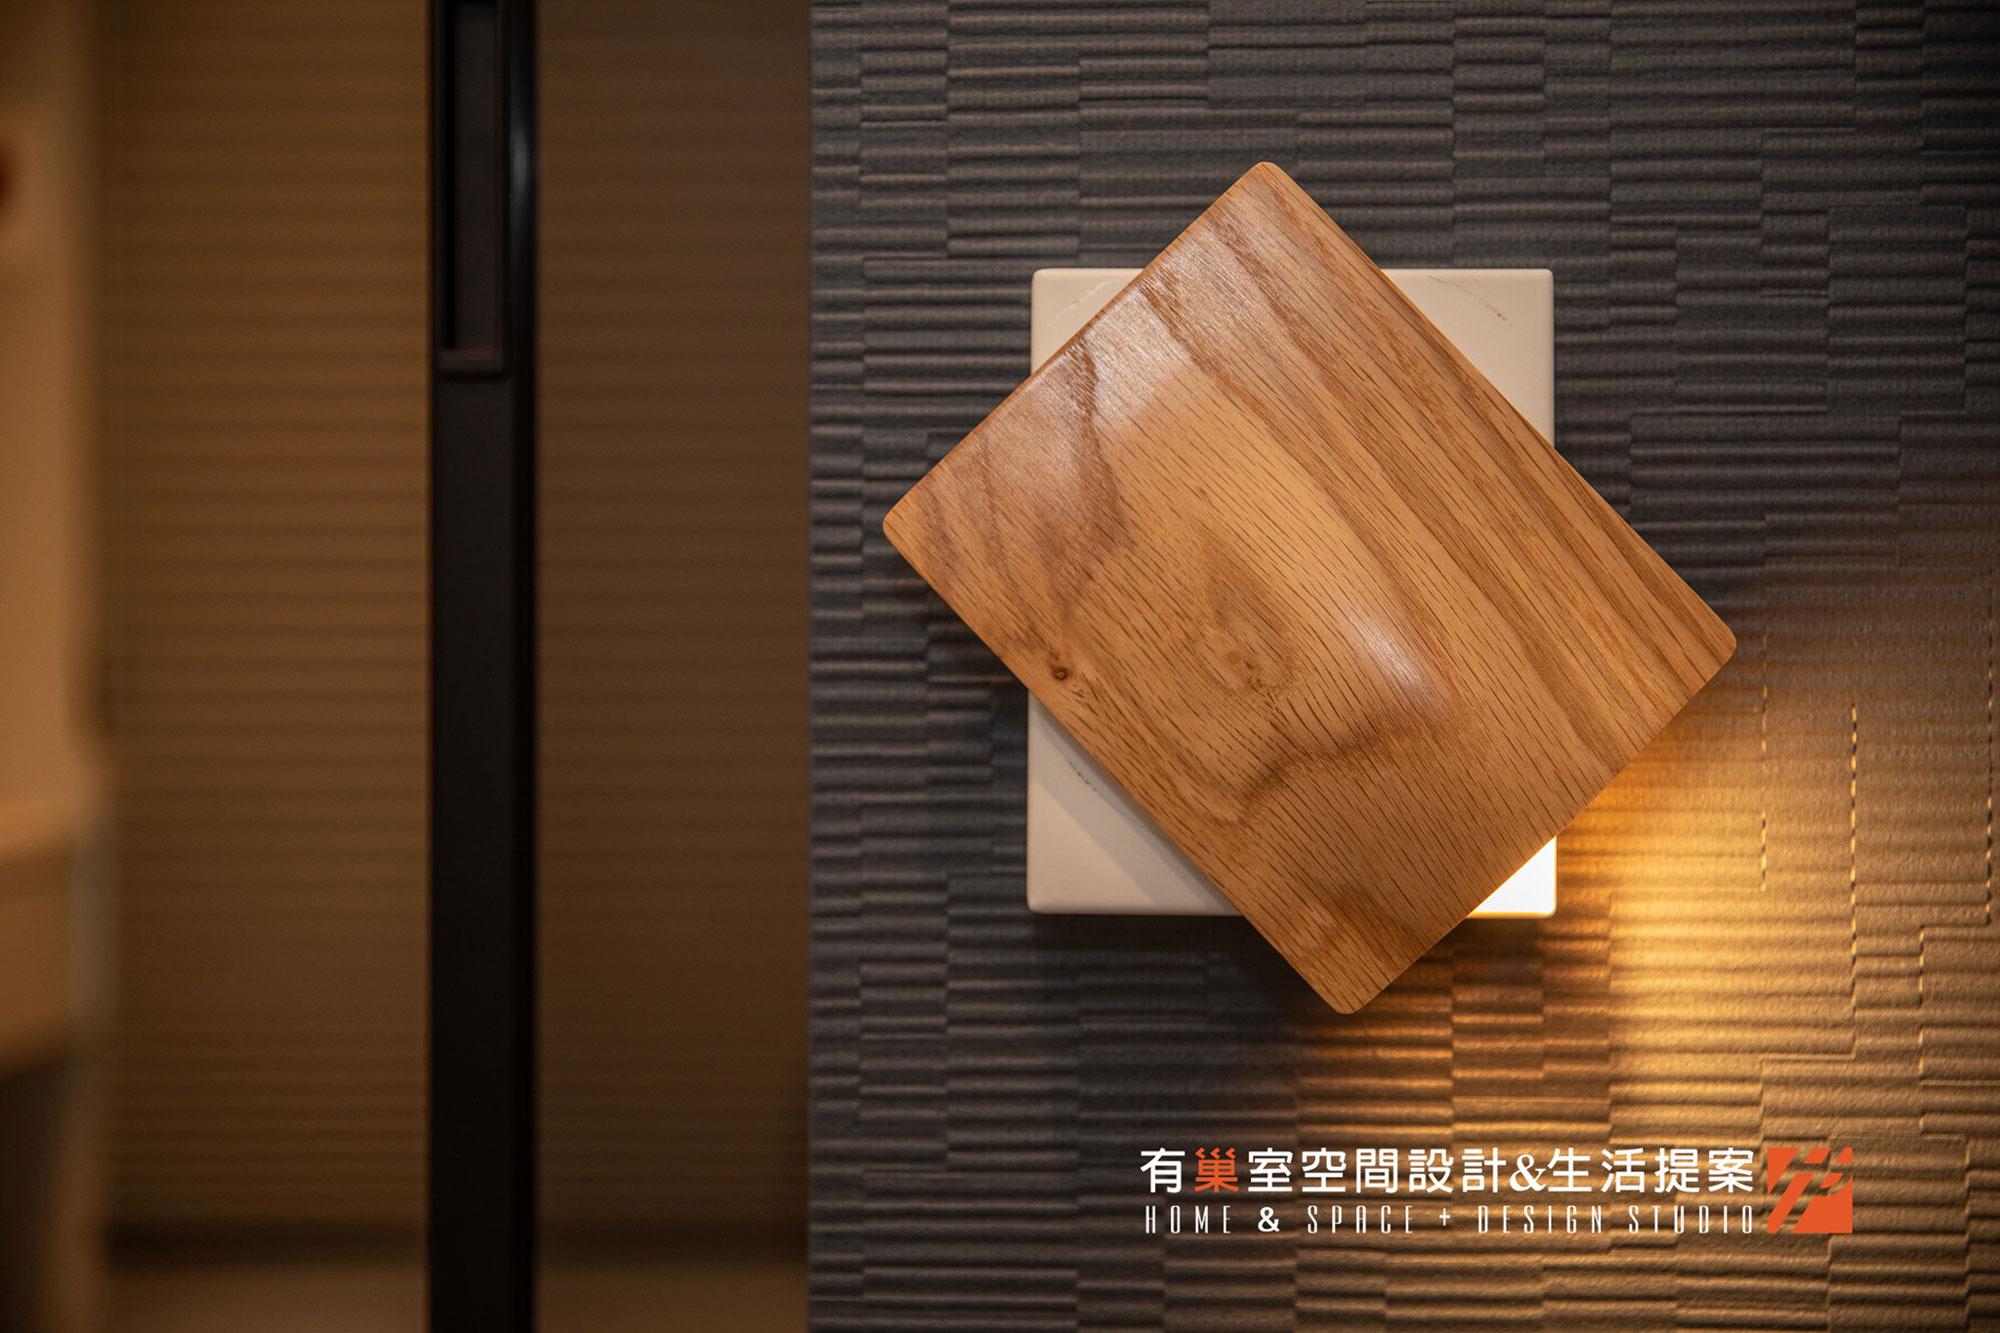 20191028有巢室空間設計-片光壁燈03